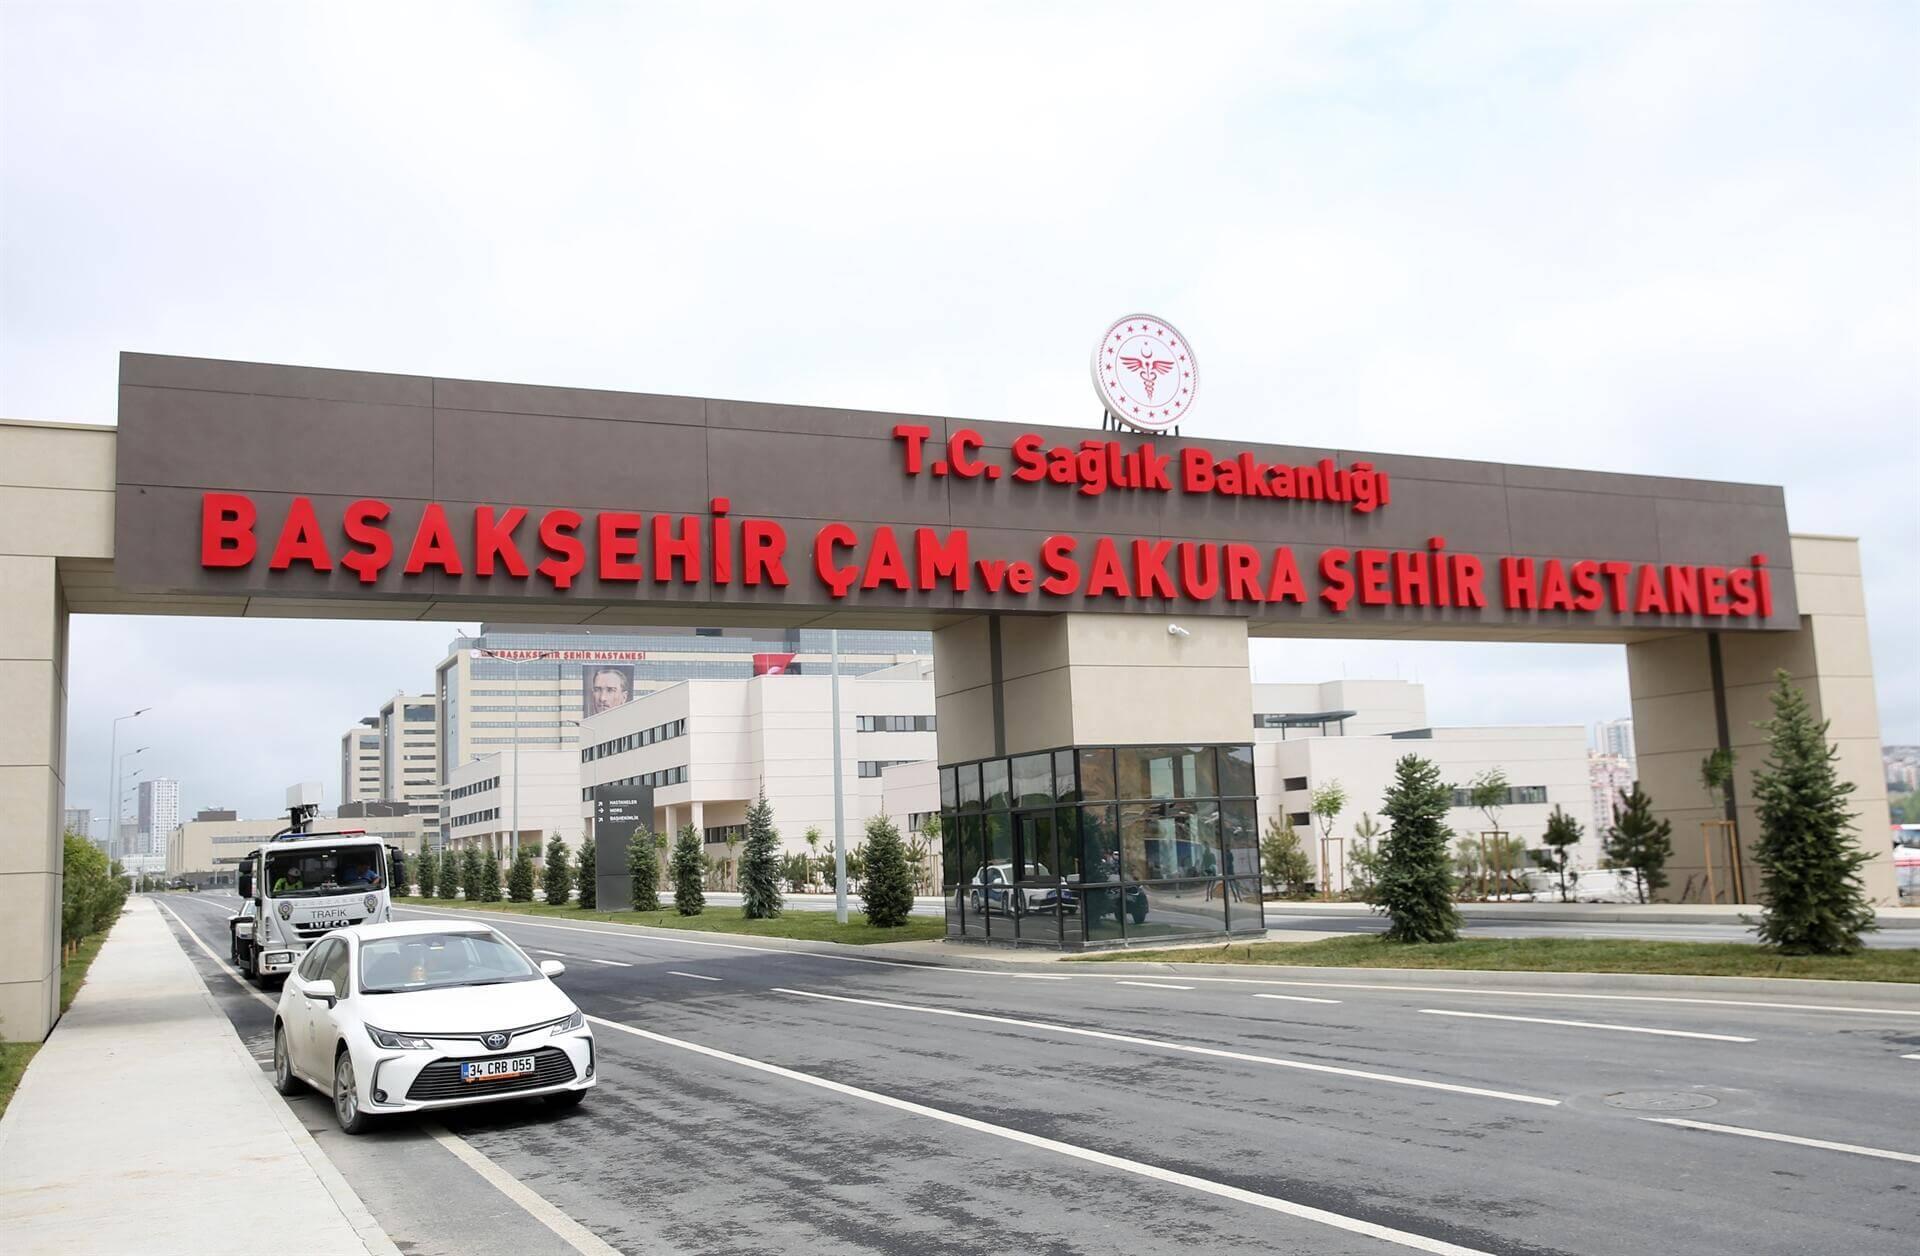 مدينة باشاك شهير الطبية في إسطنبول